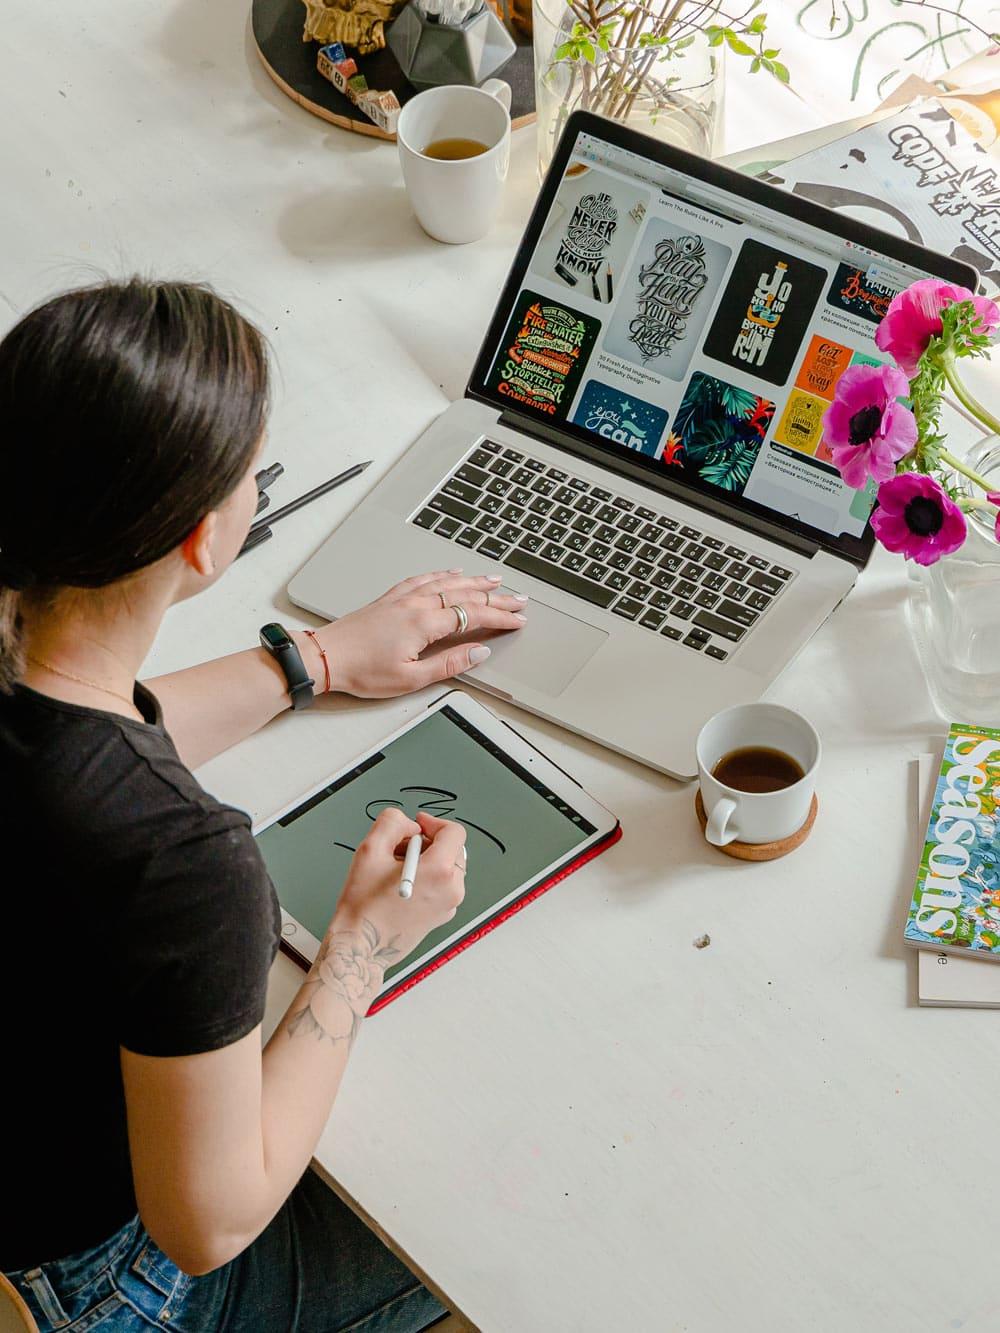 Frau_sitzt_am_schreibtisch_und_arbeitet_im_home_office